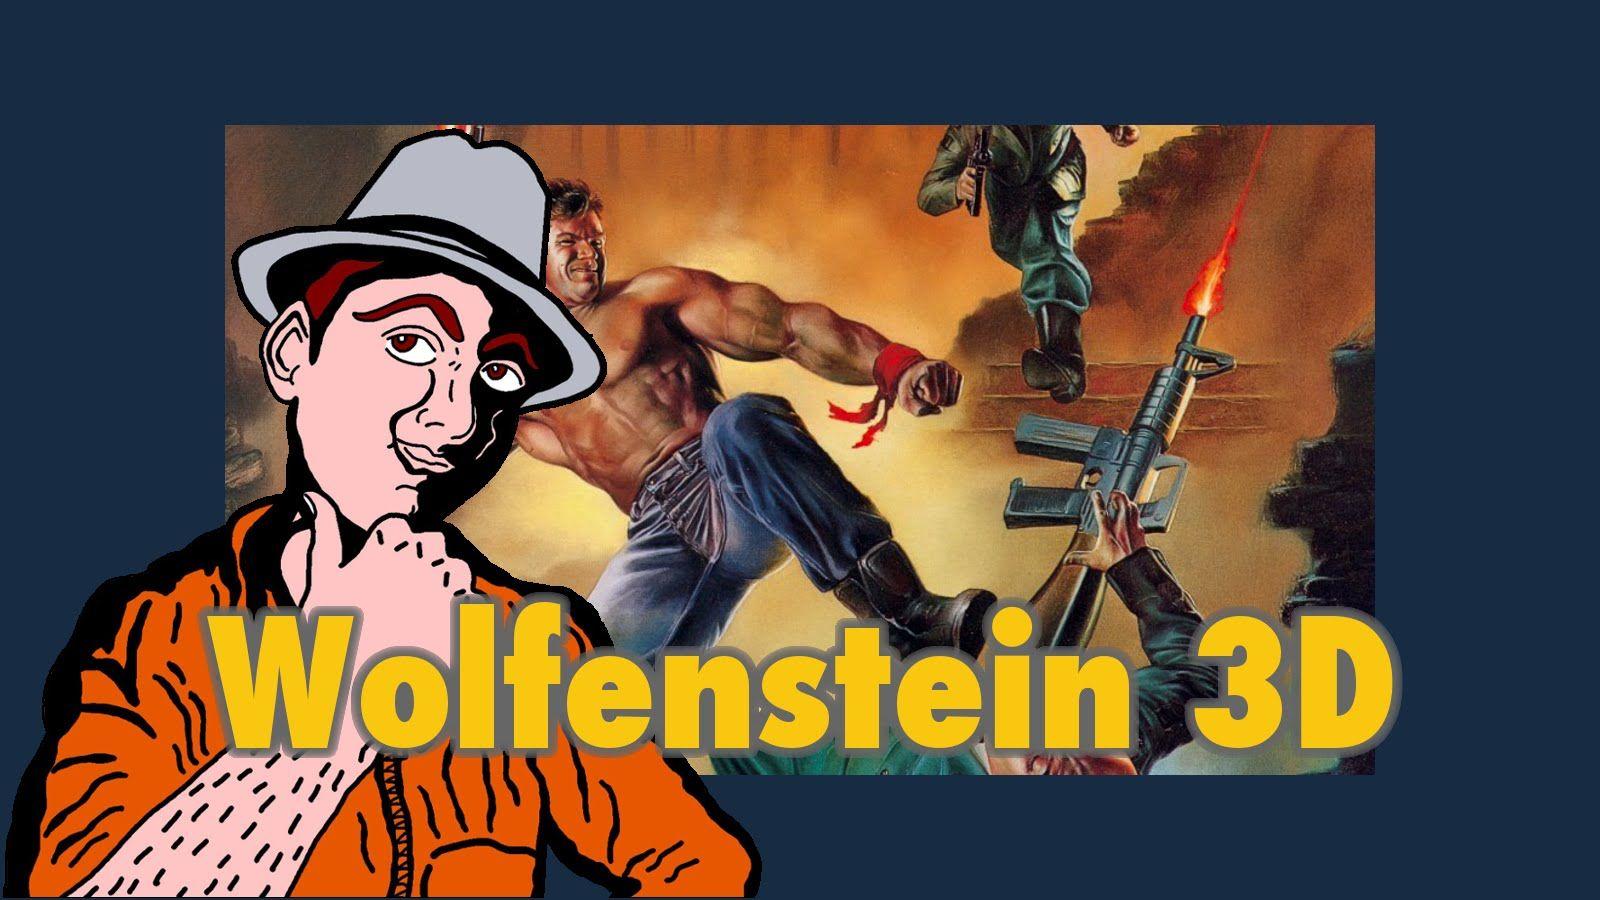 Id Software created Commander Keen, Wolfenstein 3D, Doom